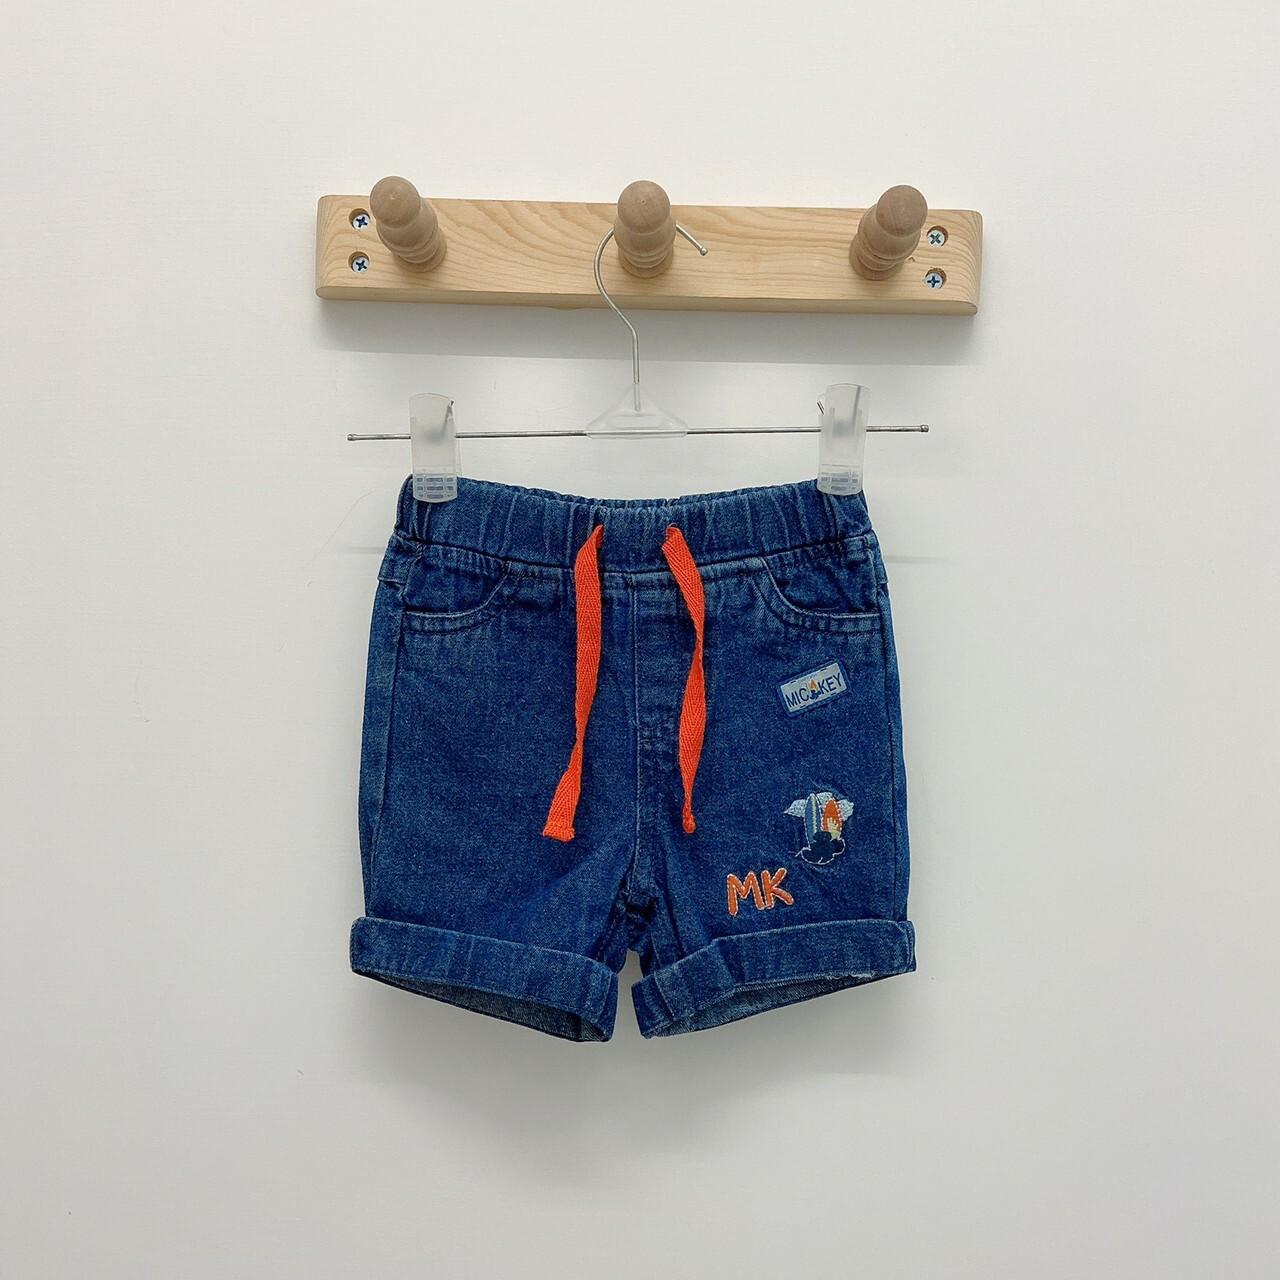 褲裙短 五~七分褲_210803_10.jpg